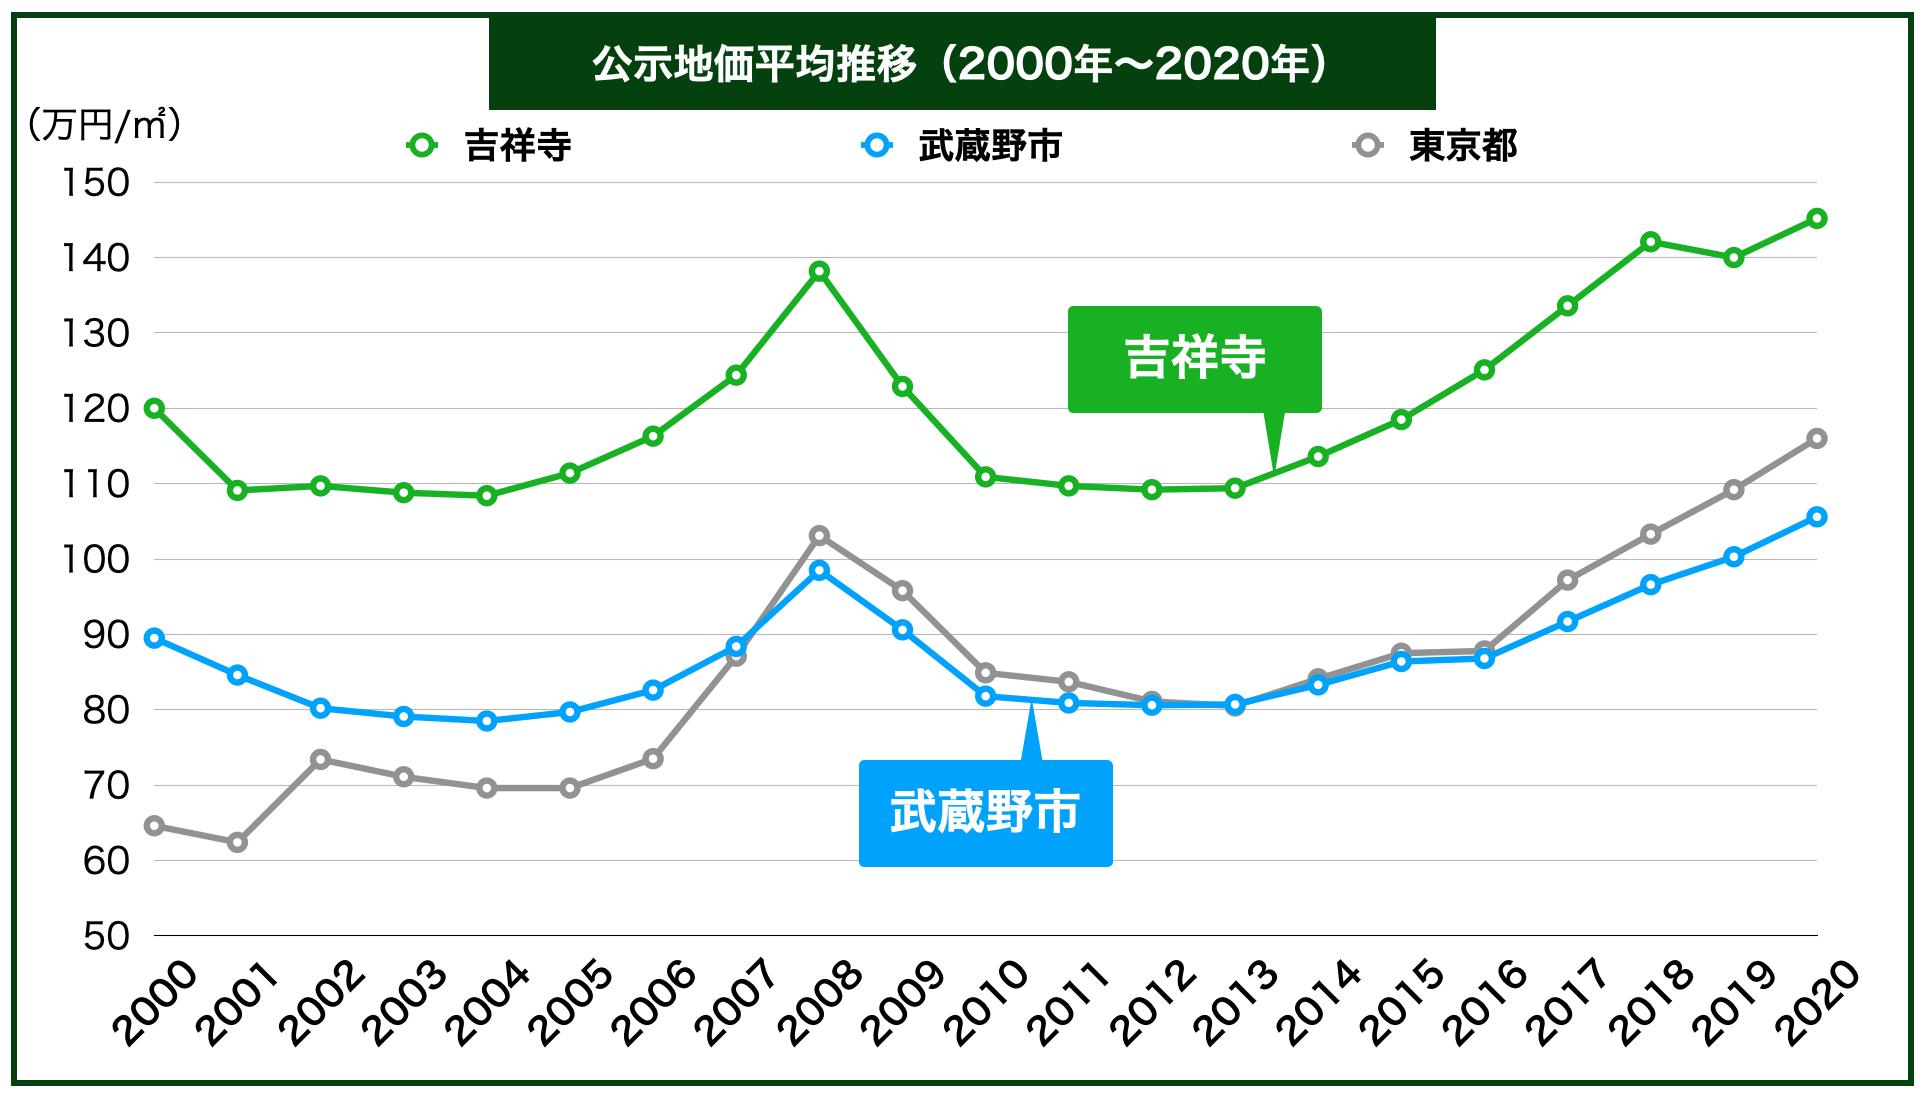 吉祥寺の公示地価の推移